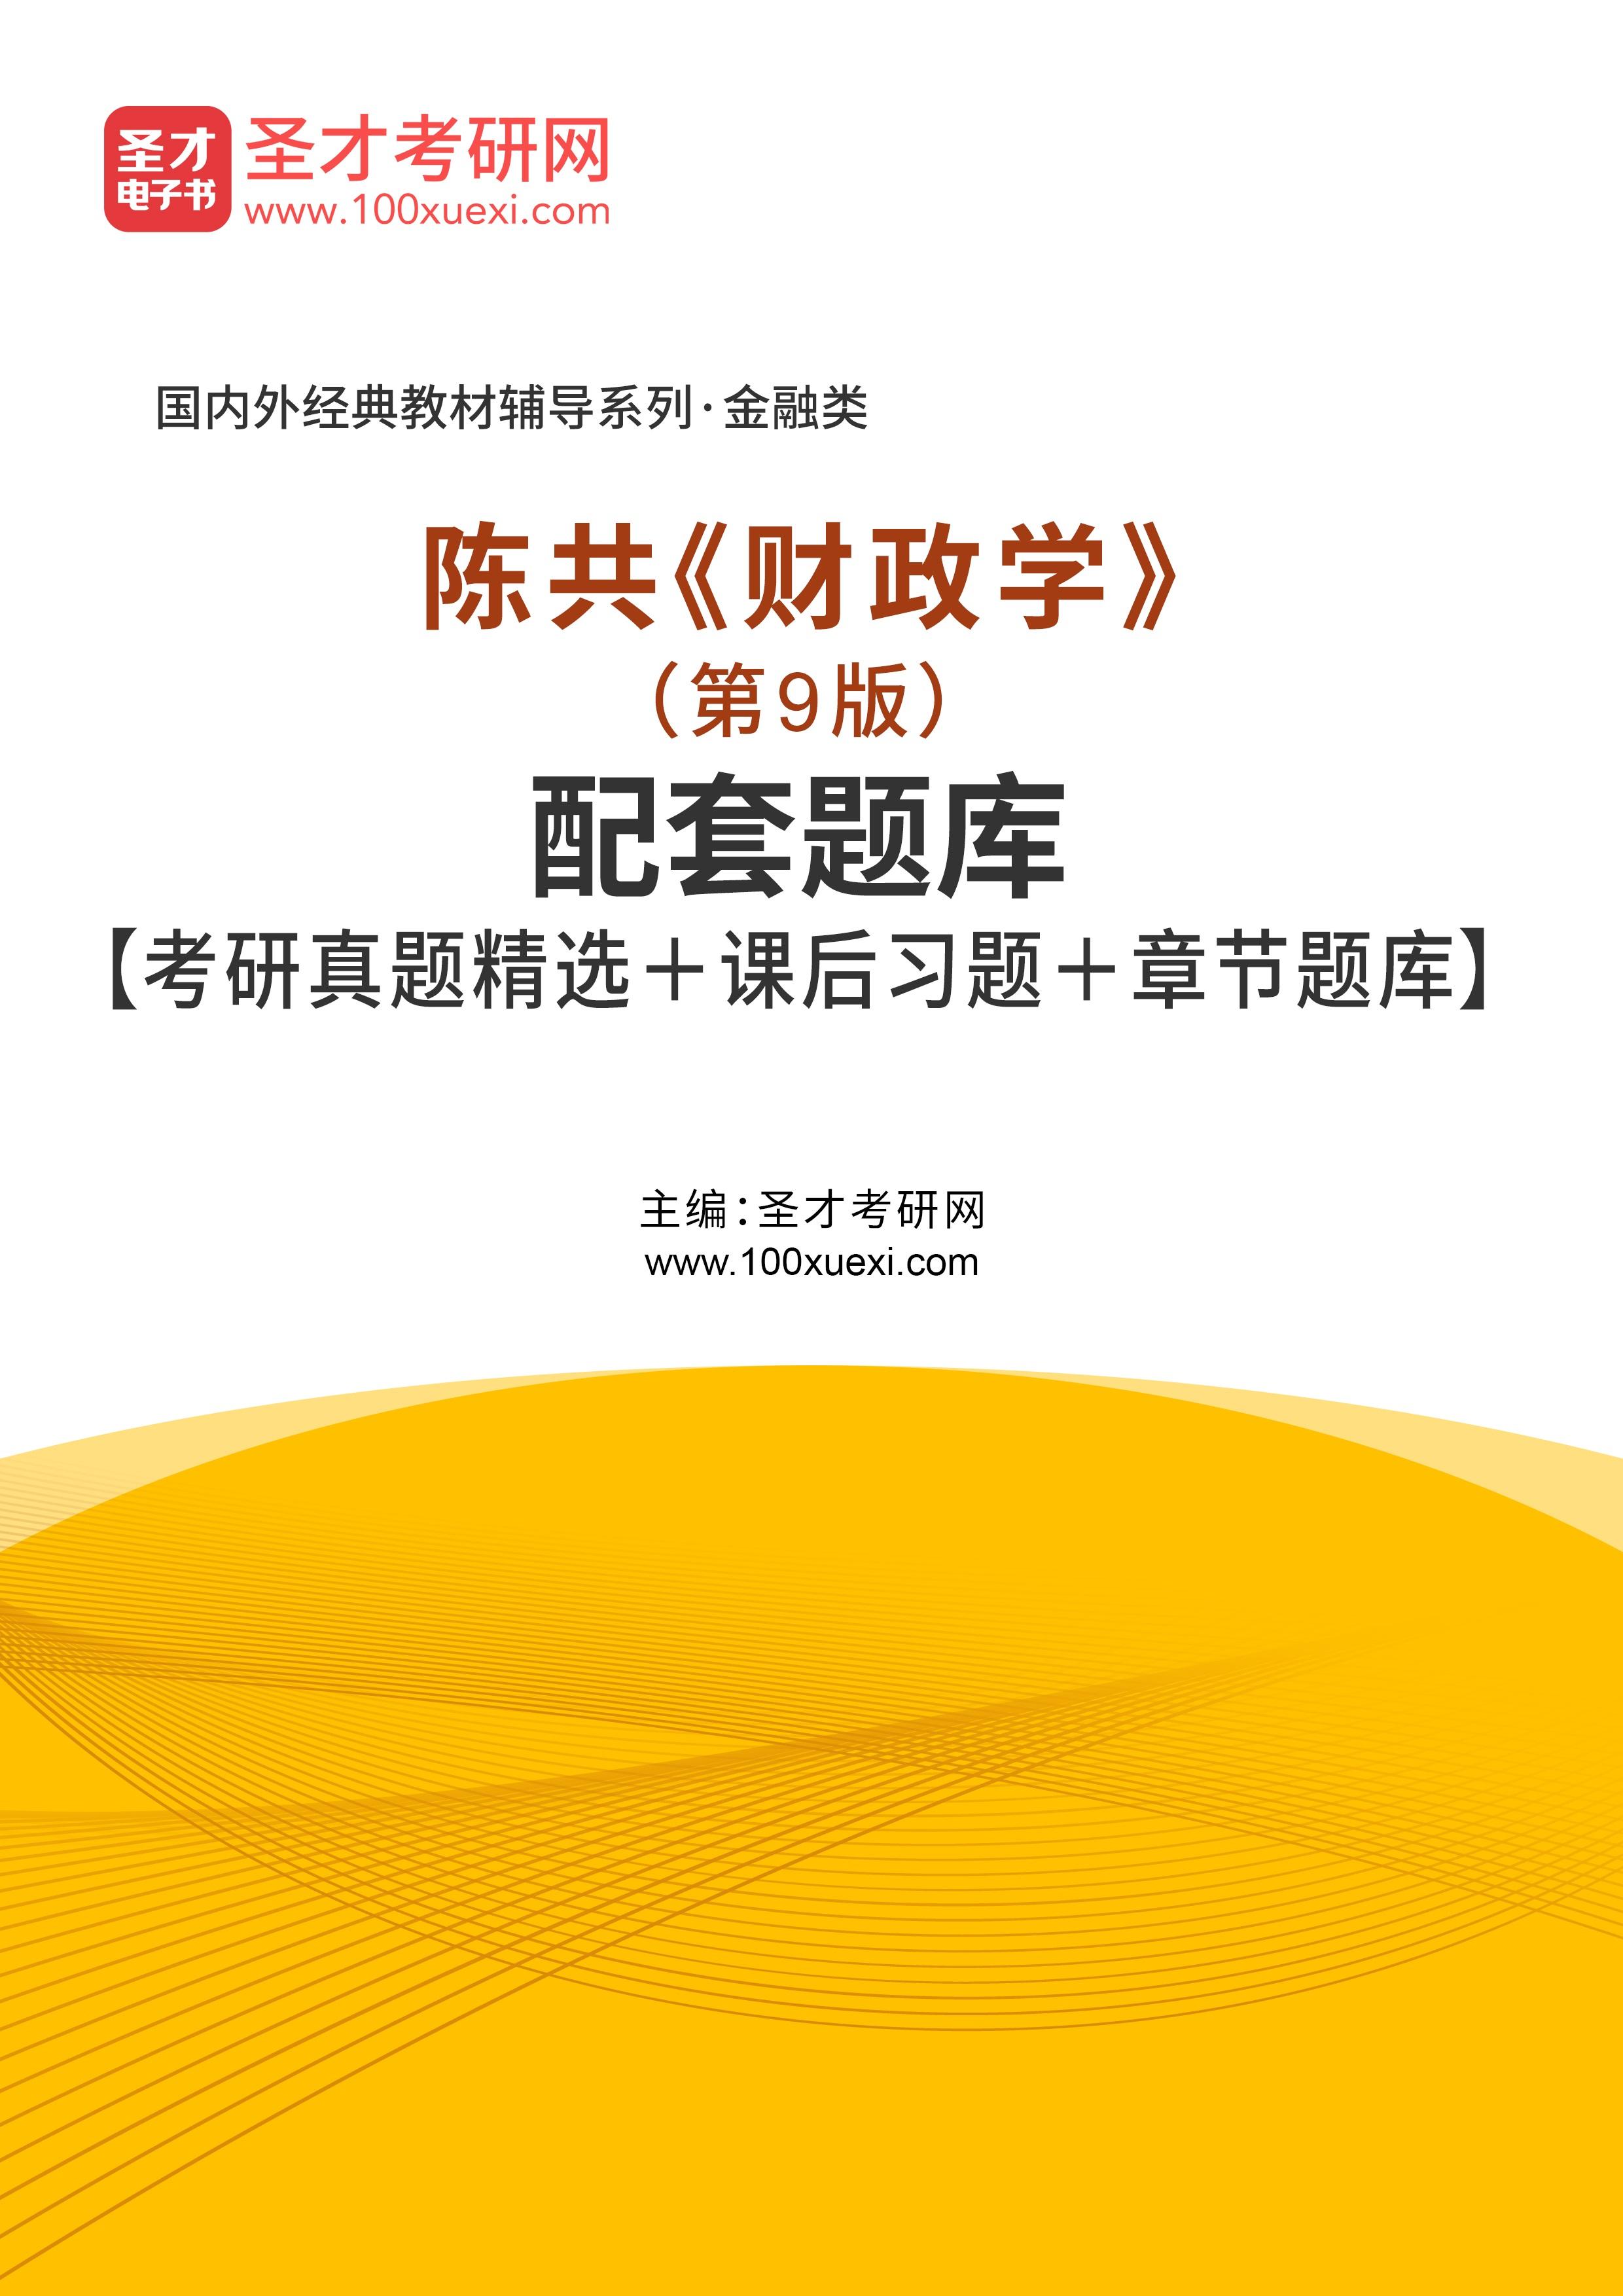 陈共《财政学》(第9版)配套题库【考研真题精选+课后习题+章节题库】